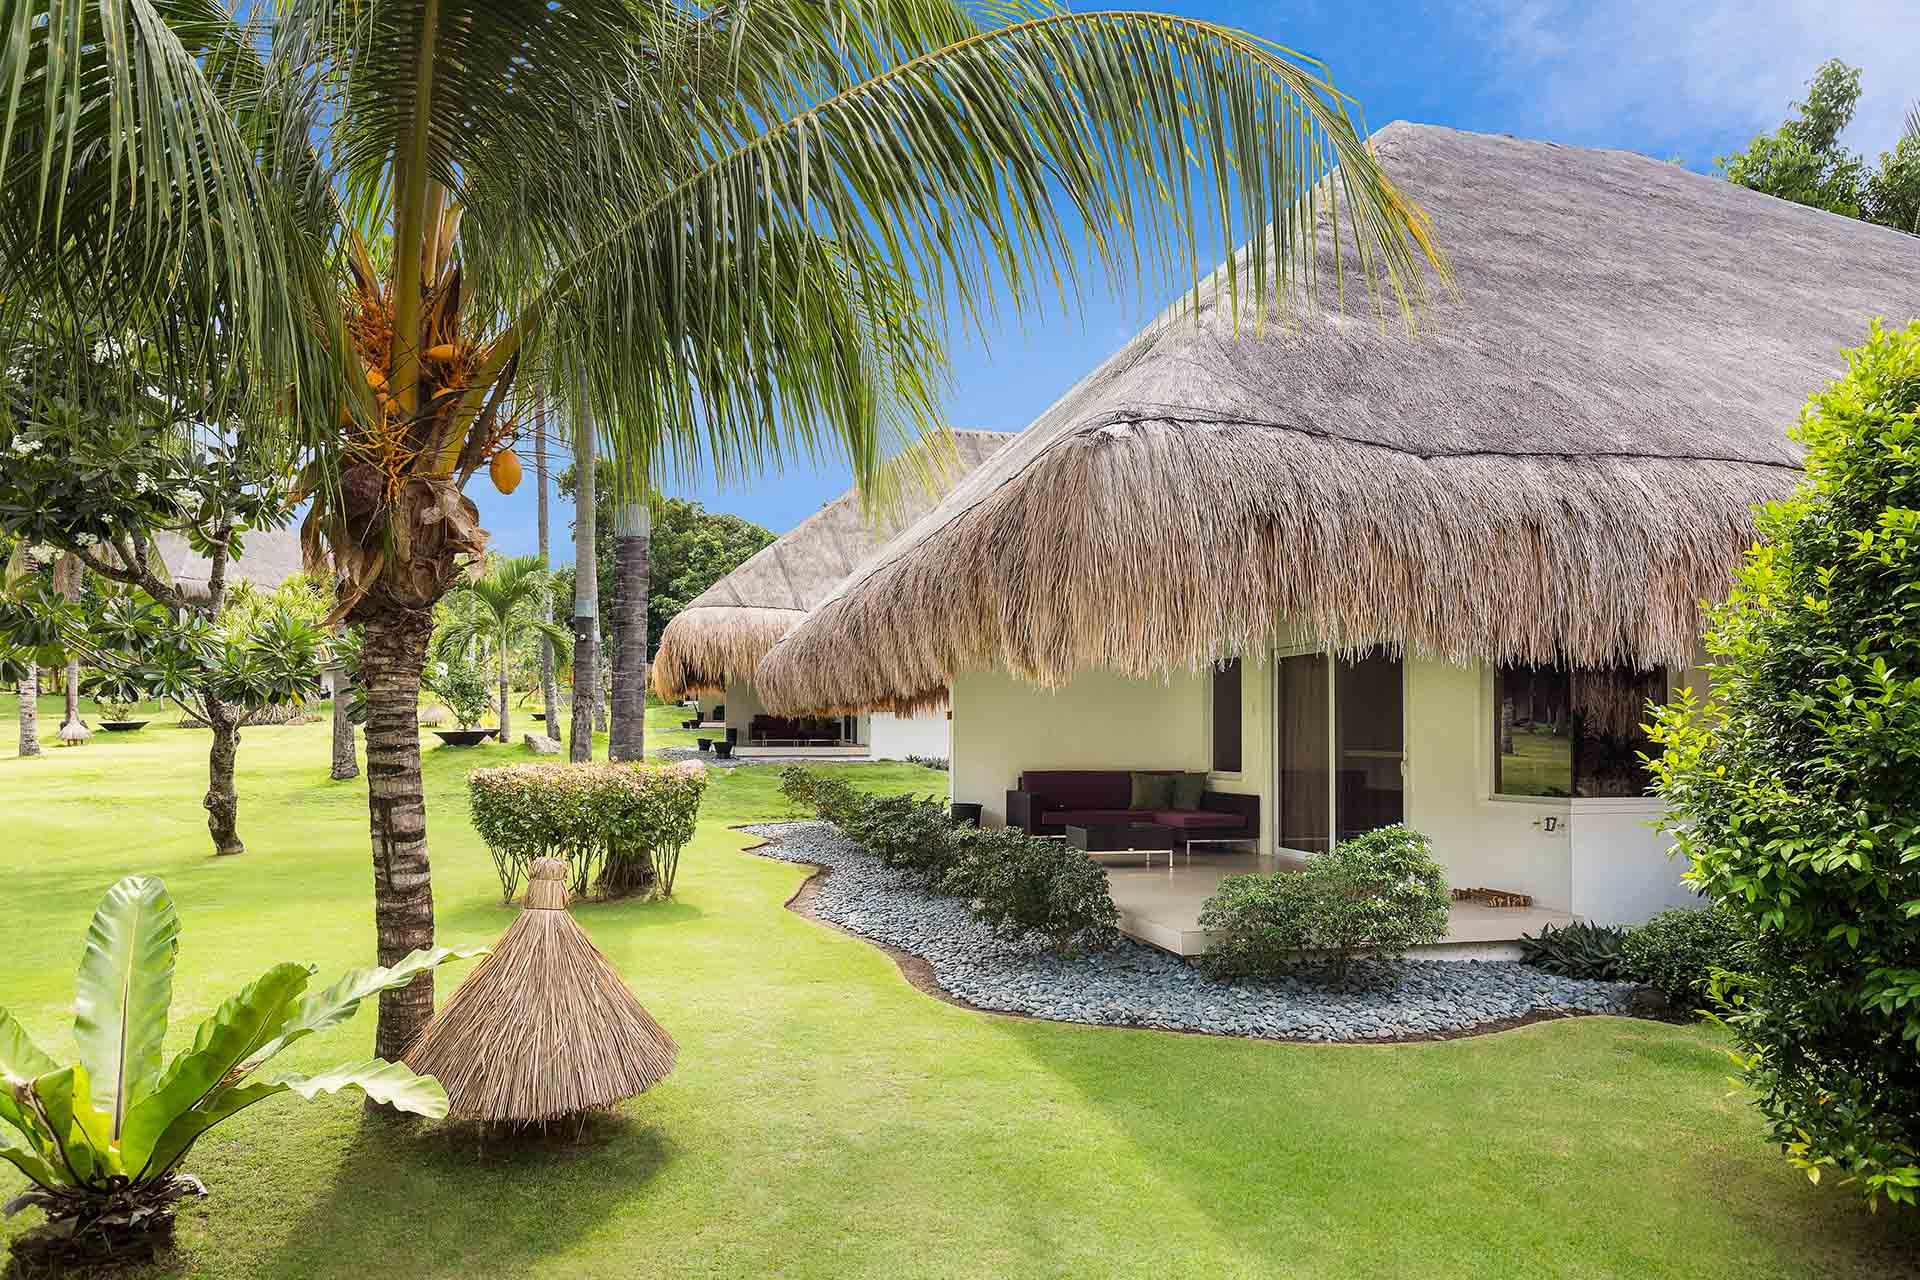 Premium Suite exterior at Atmosphere Resorts Philippines